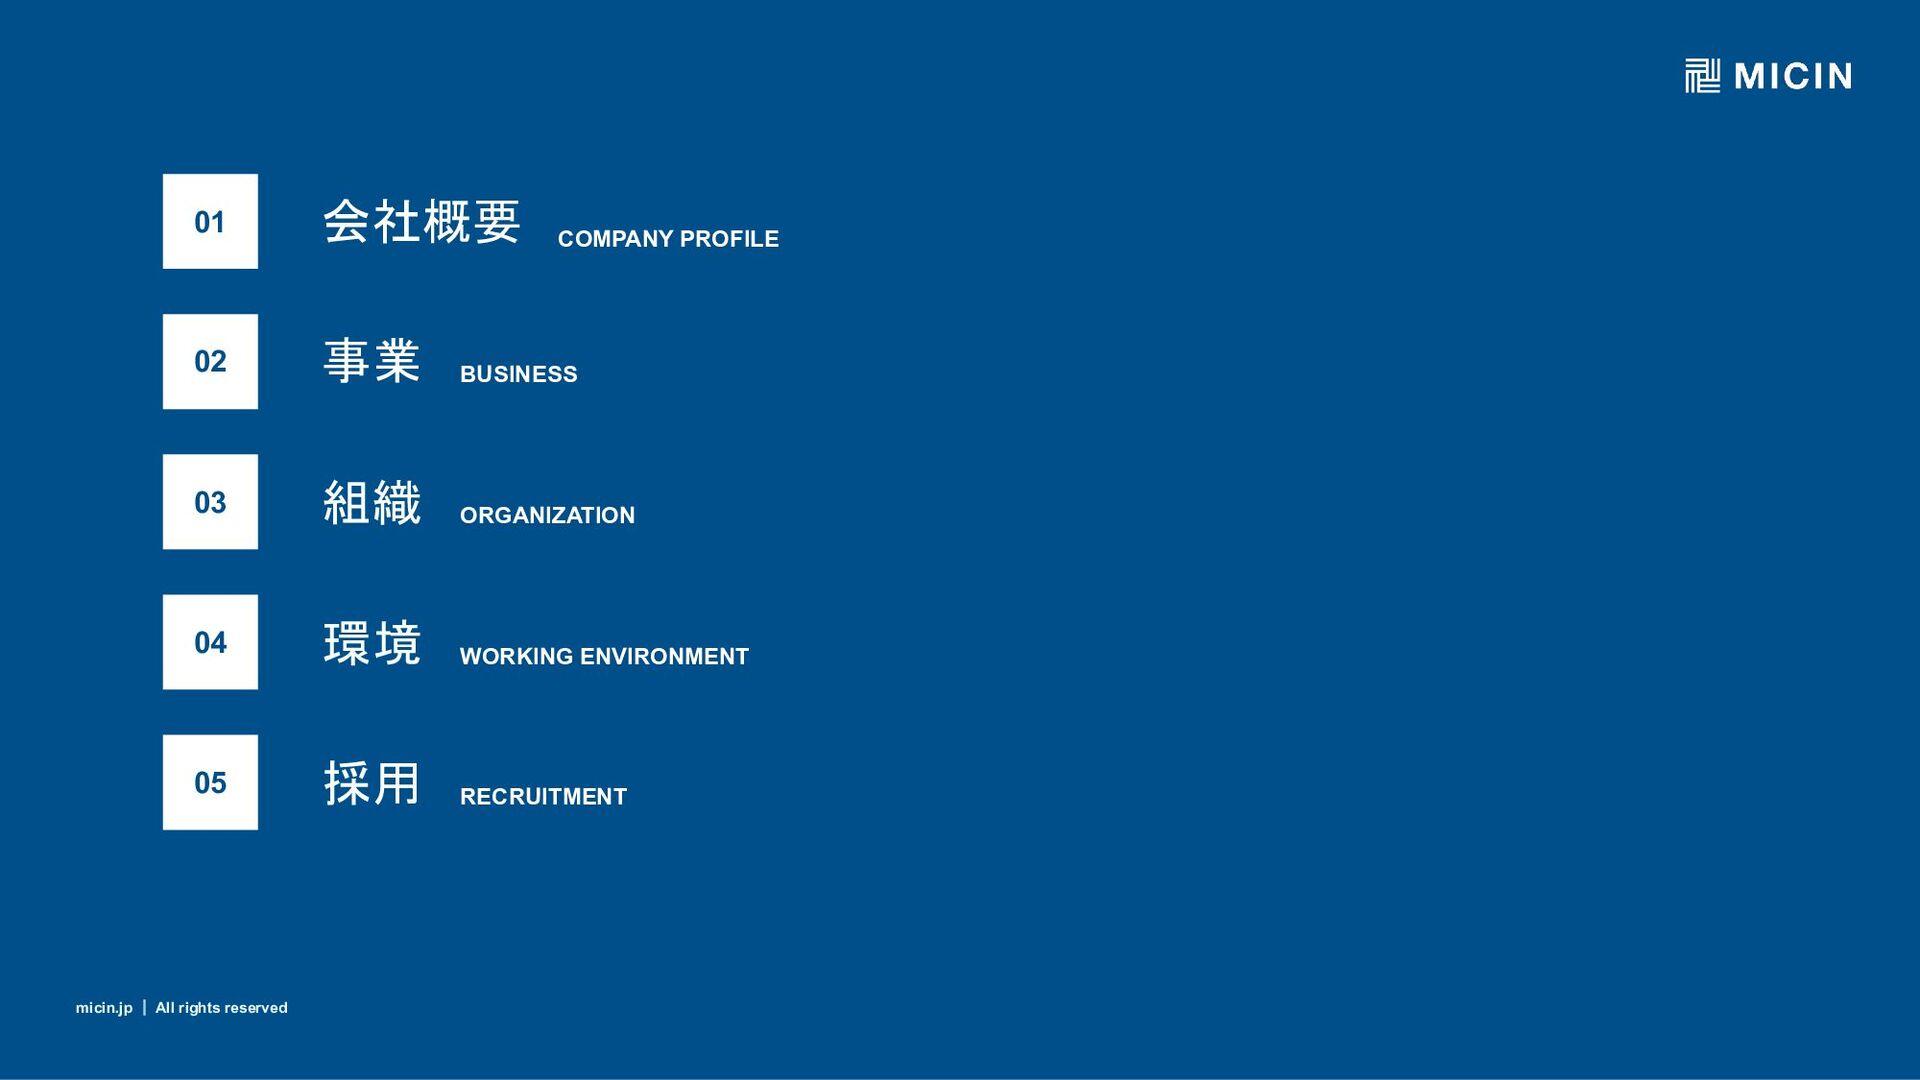 micin.jp ʛ All rights reserved 3 micin.jp ʛ All...